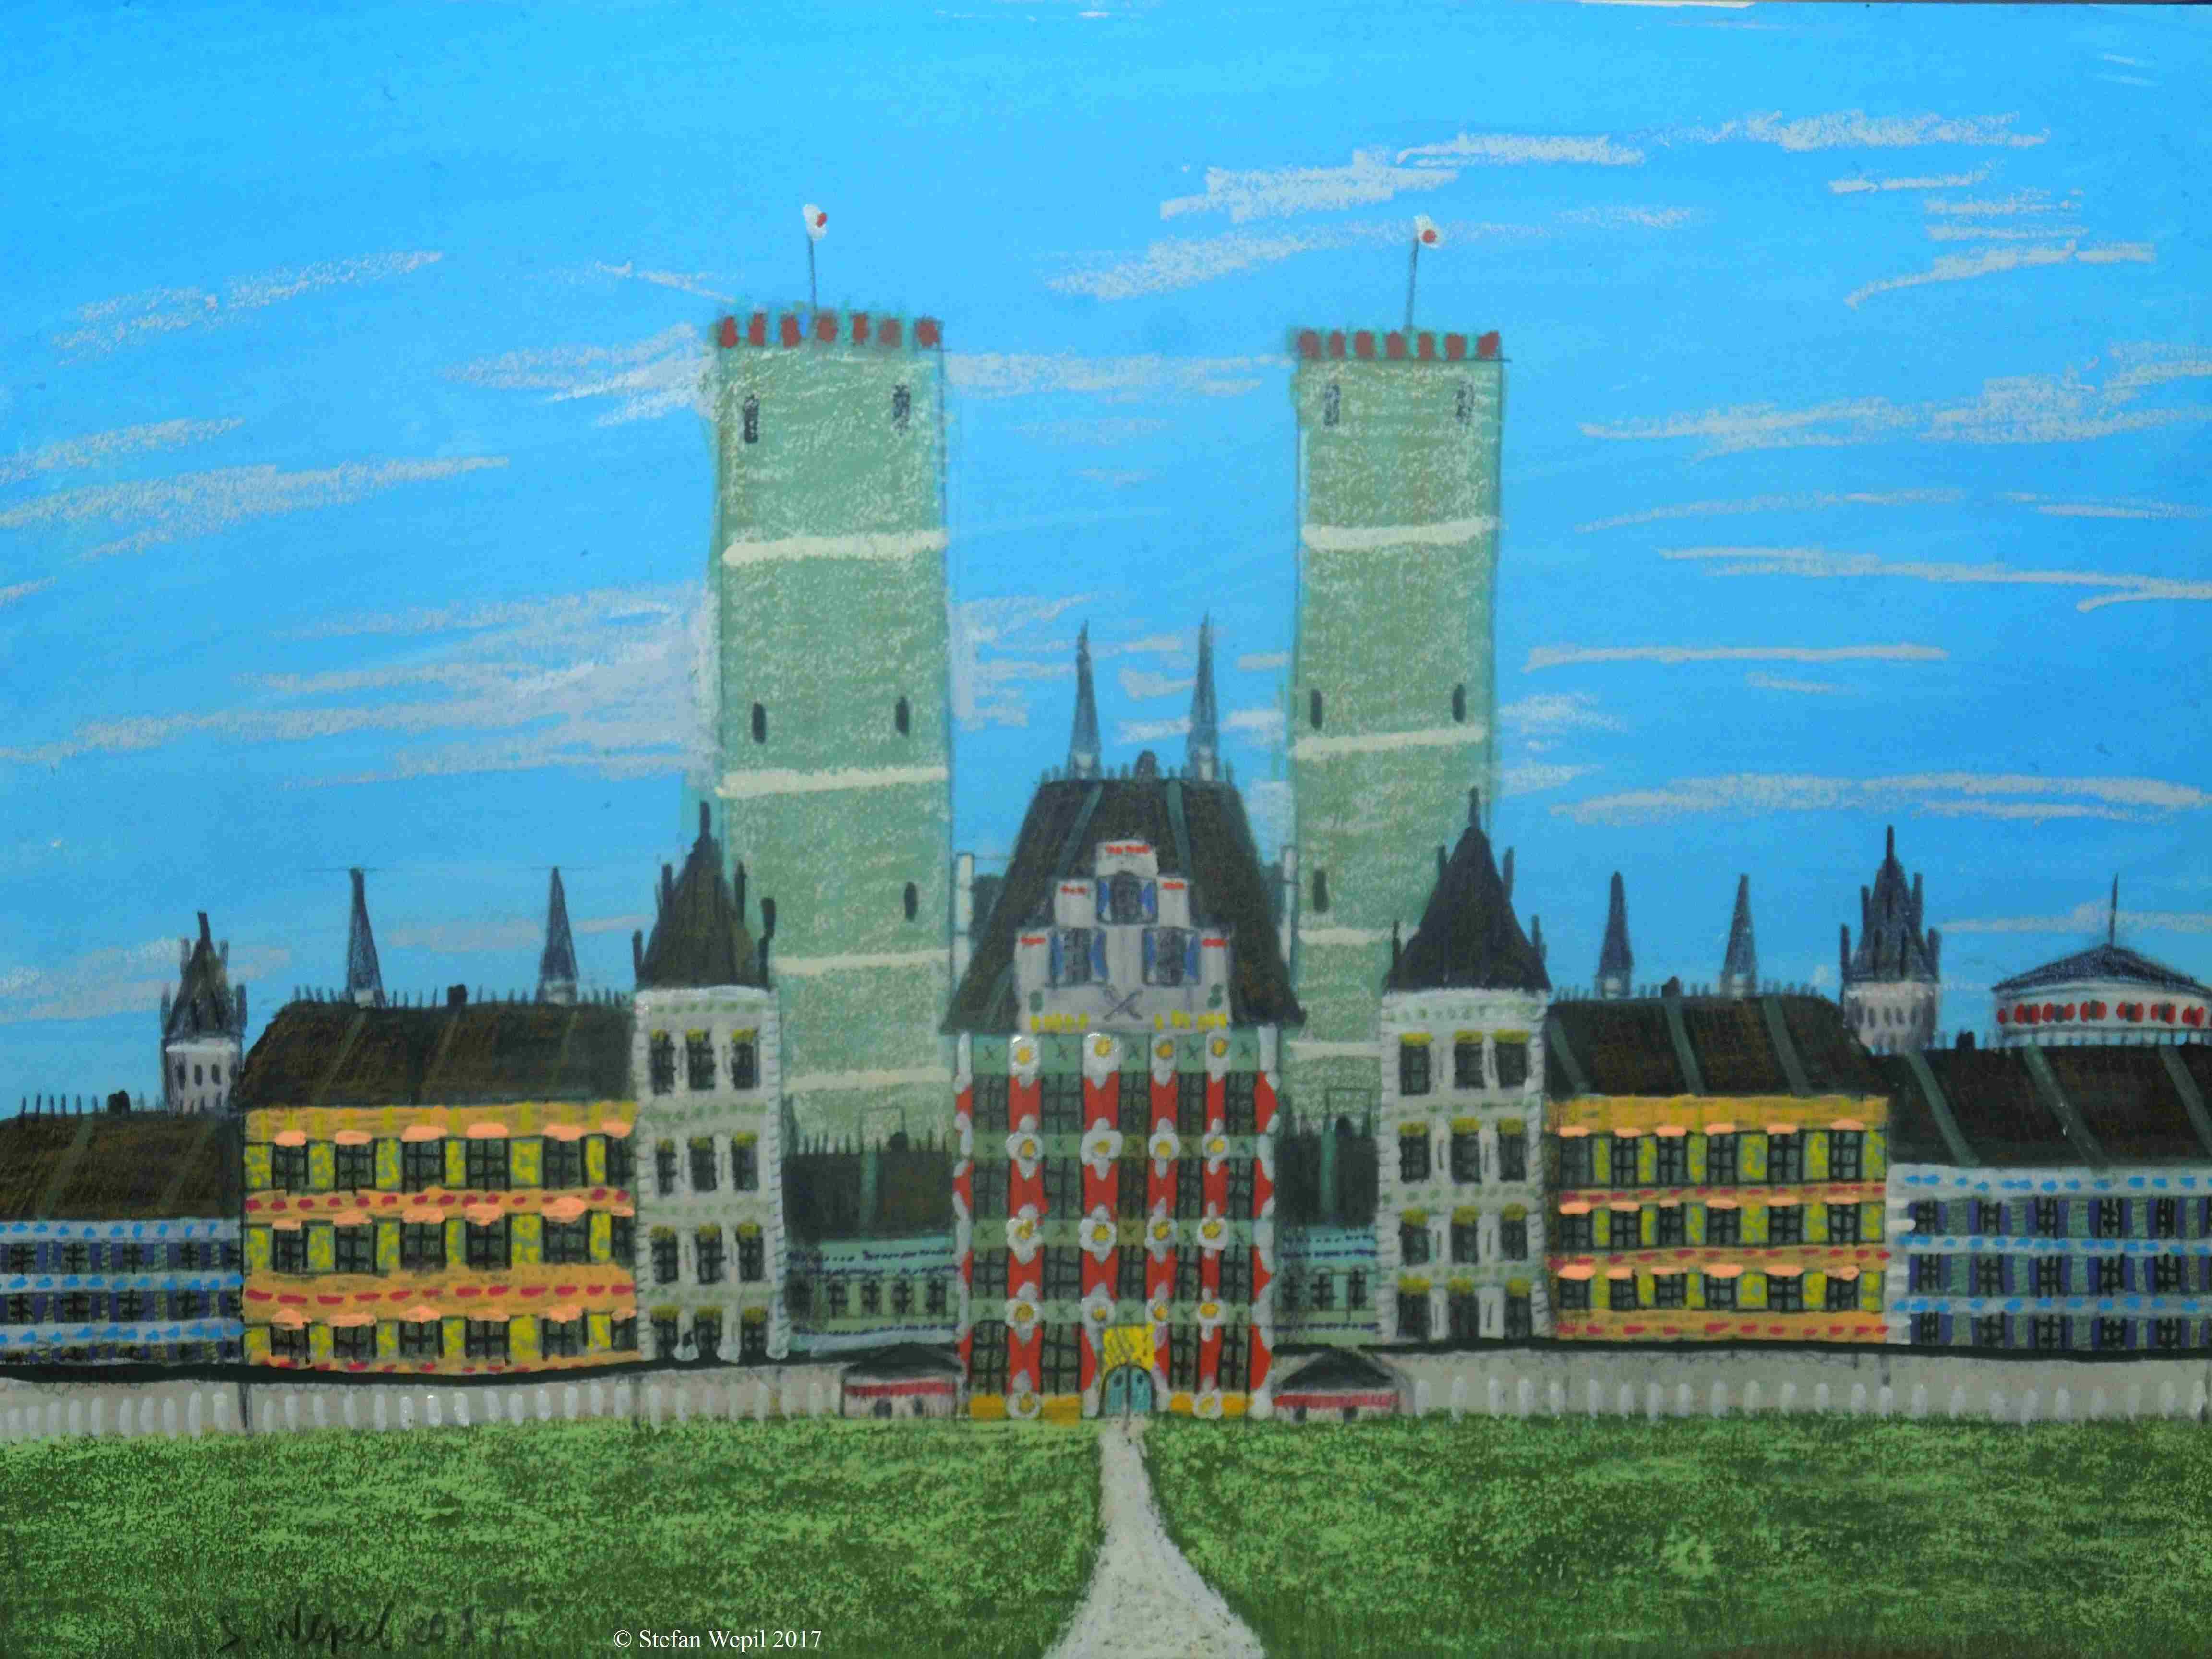 Das Schloss New Madrid der de la Siniestro-Familie auf dem Planeten Siniestro in Cartwheel. © Stefan Wepil